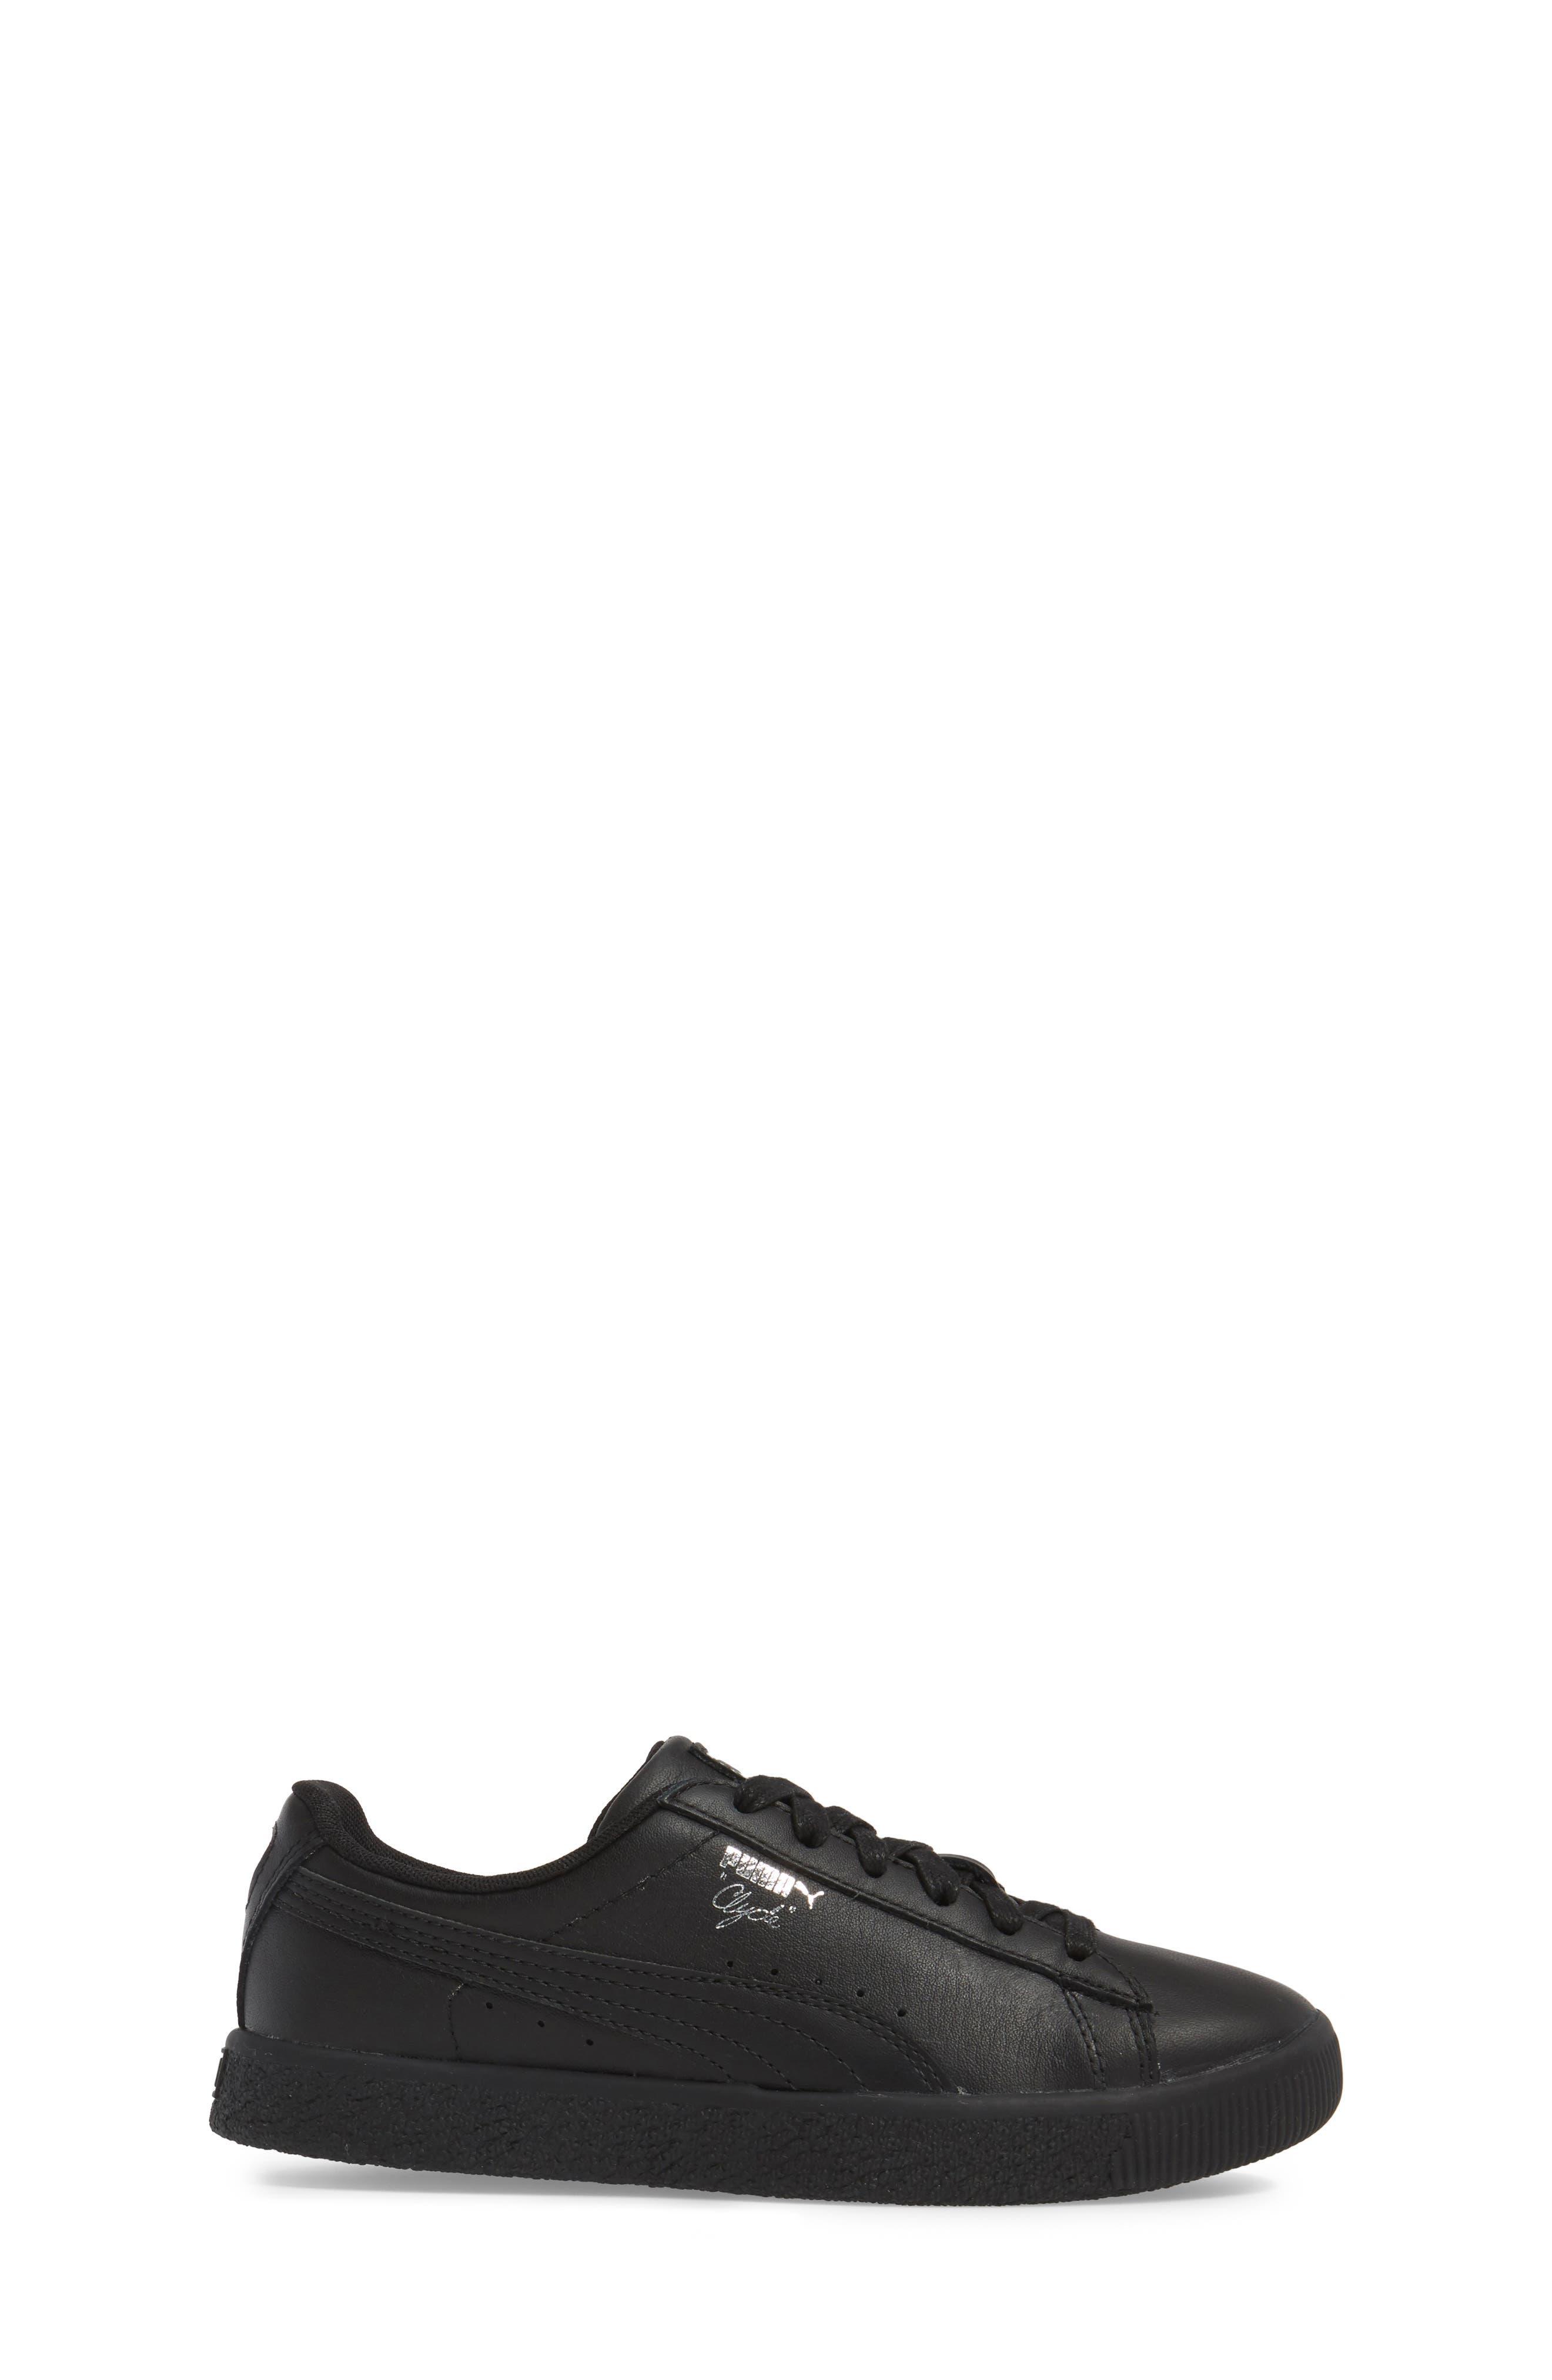 Clyde Core Foil Sneaker,                             Alternate thumbnail 14, color,